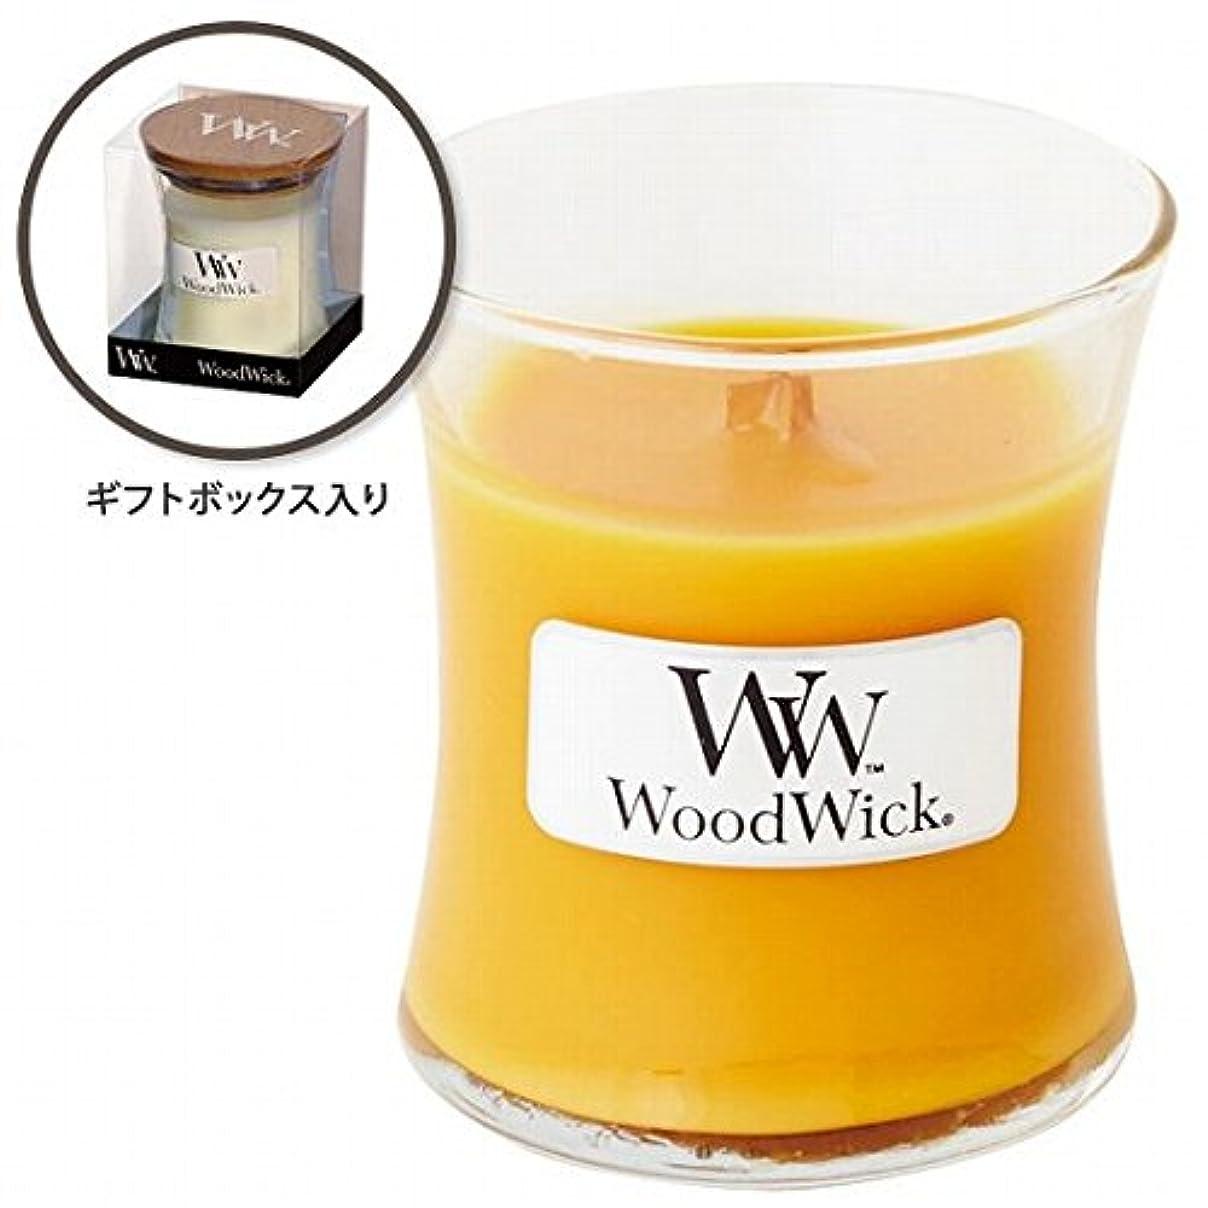 ウッドウィック( WoodWick ) Wood WickジャーS 「スパークリングオレンジ」